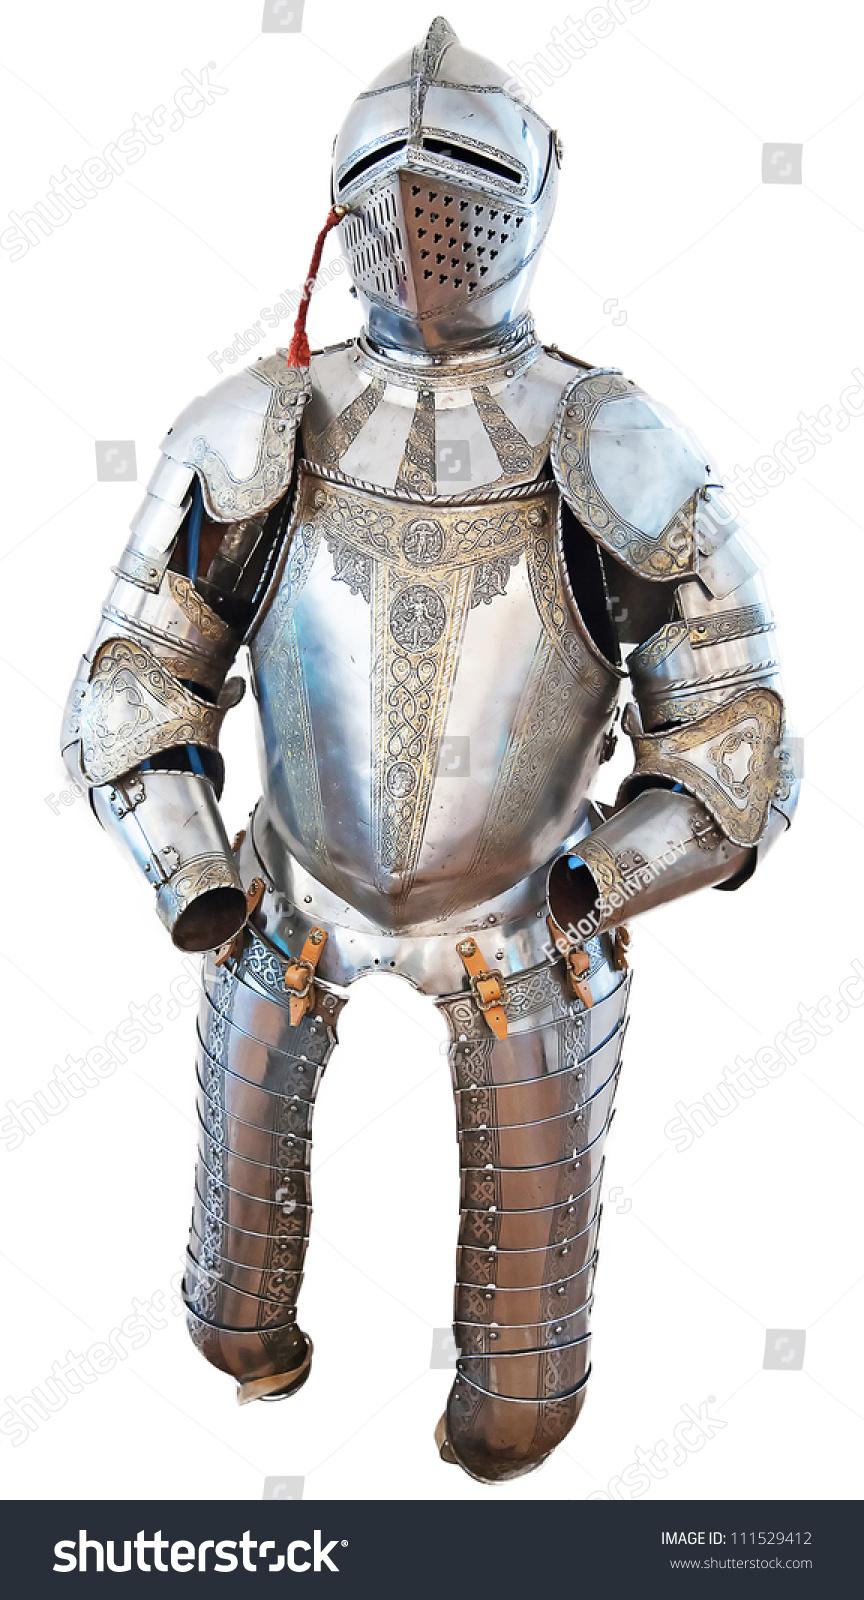 中世纪城堡中的骑士盔甲,白色的-艺术,复古风格-海洛图片